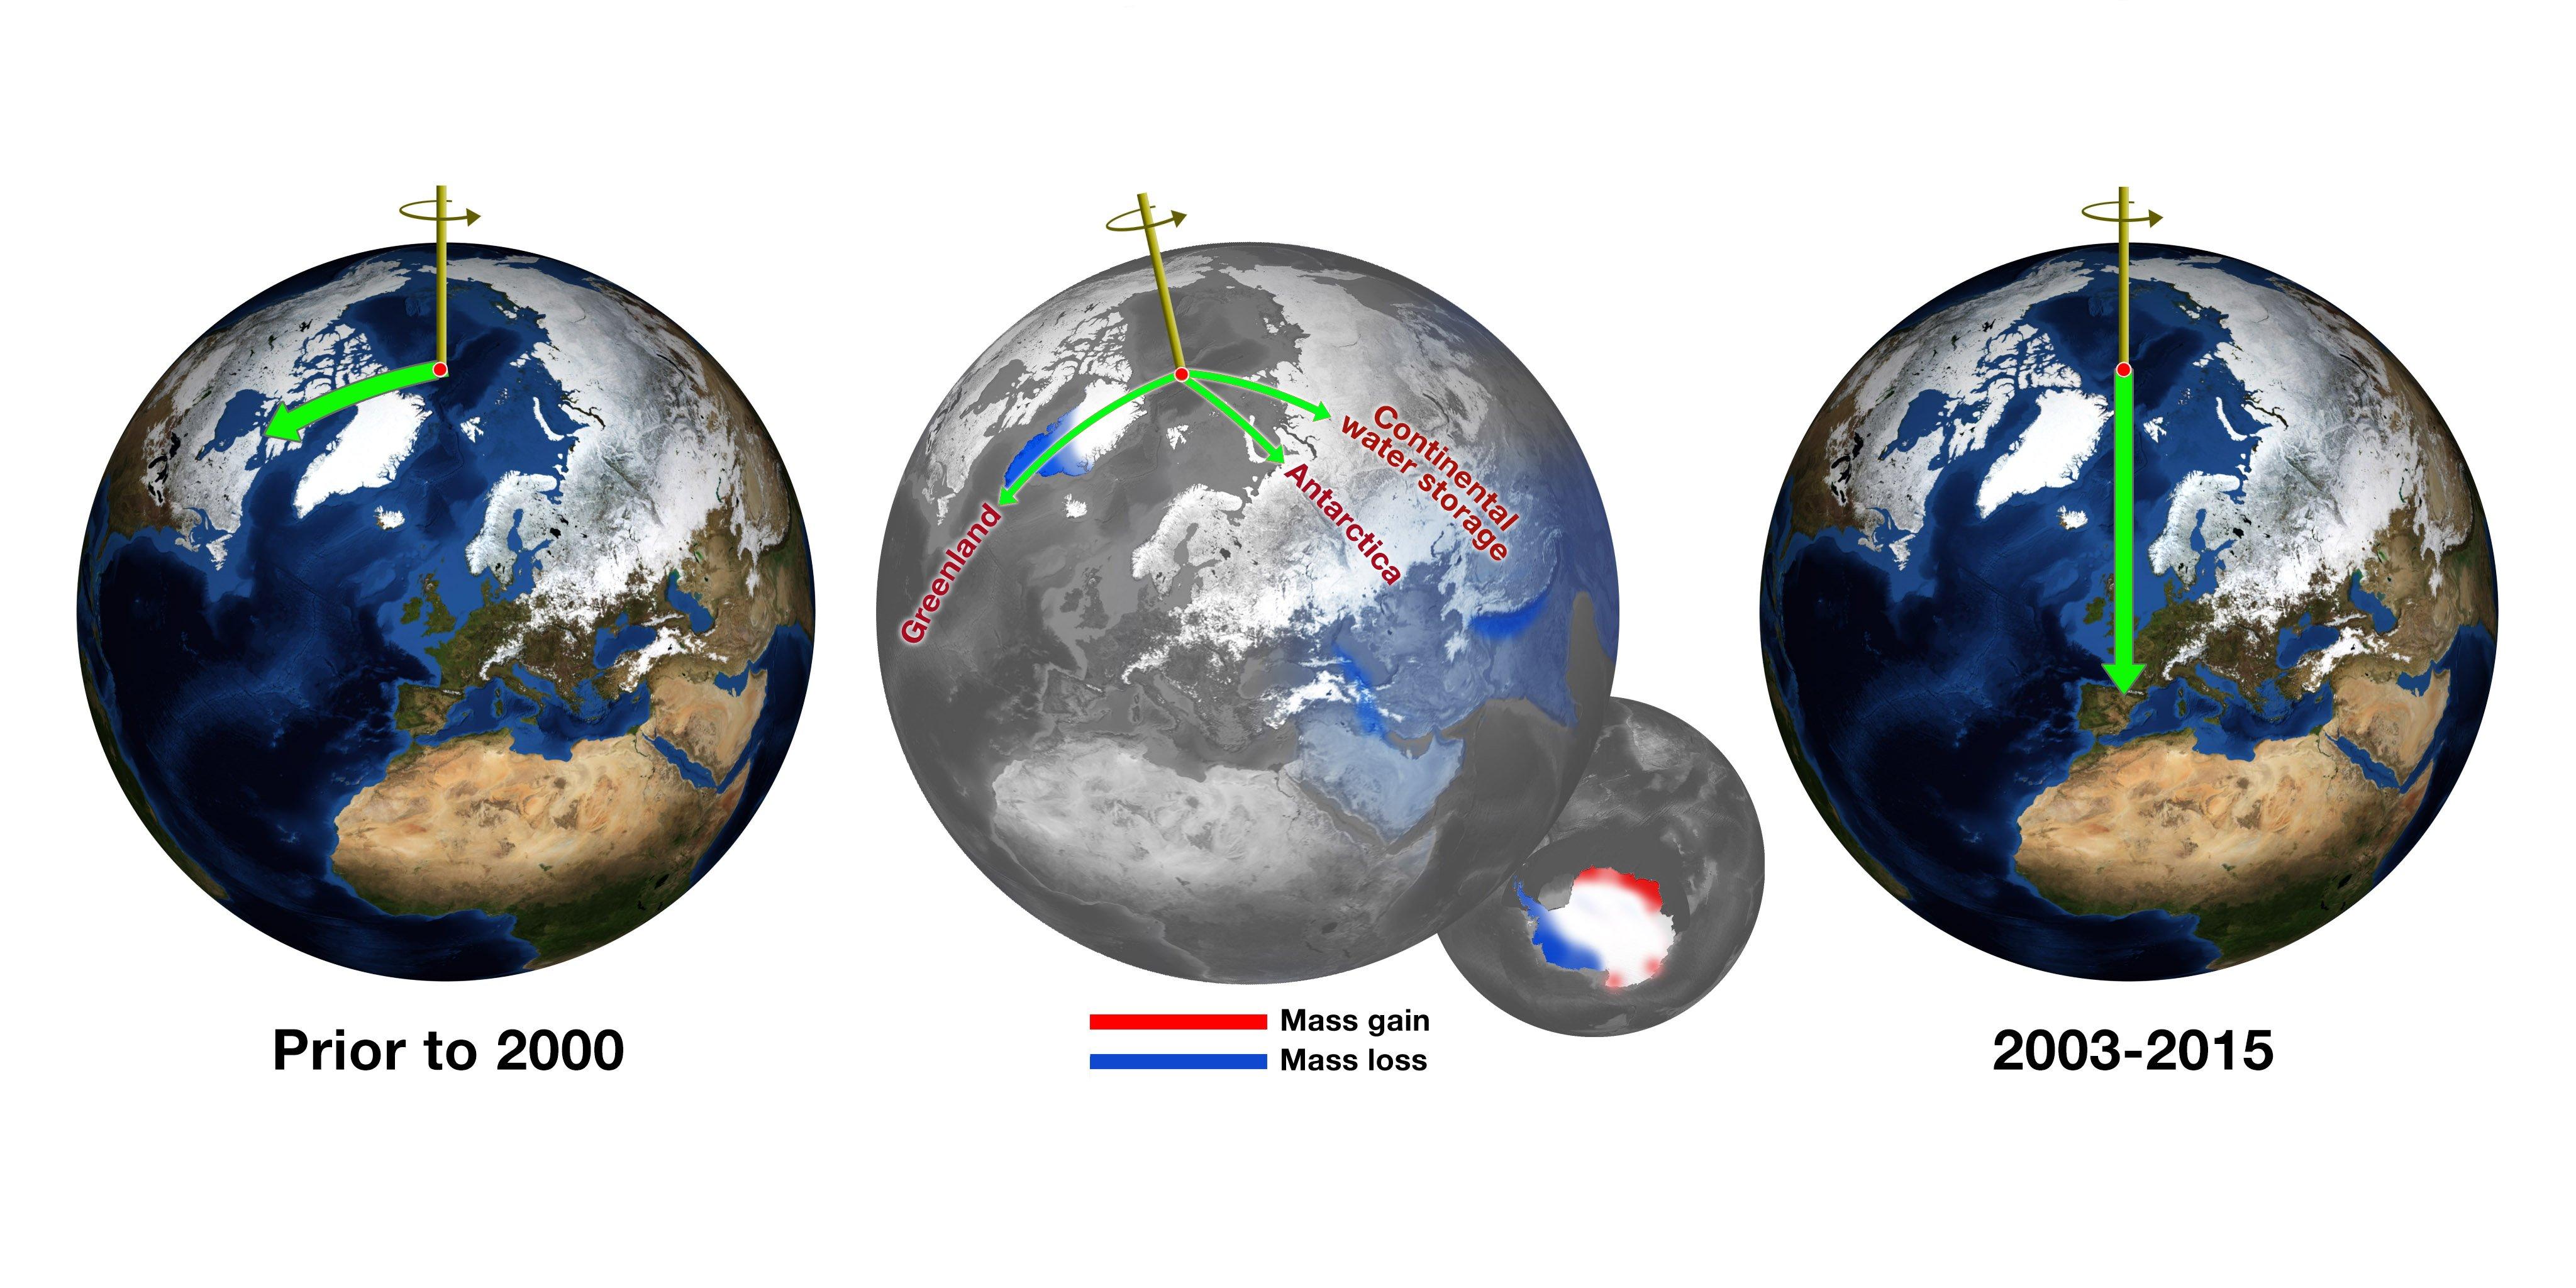 Но естественные колебания Земли становятся, в последнее время, все сильнее. Такие выводы сделали ученые на основе последних полученных данных. Информация об исследовании появилась в последнем номере Science Advances: сейчас ученые уверены, что колебания планеты усиливаются благодаря человеческой деятельности.